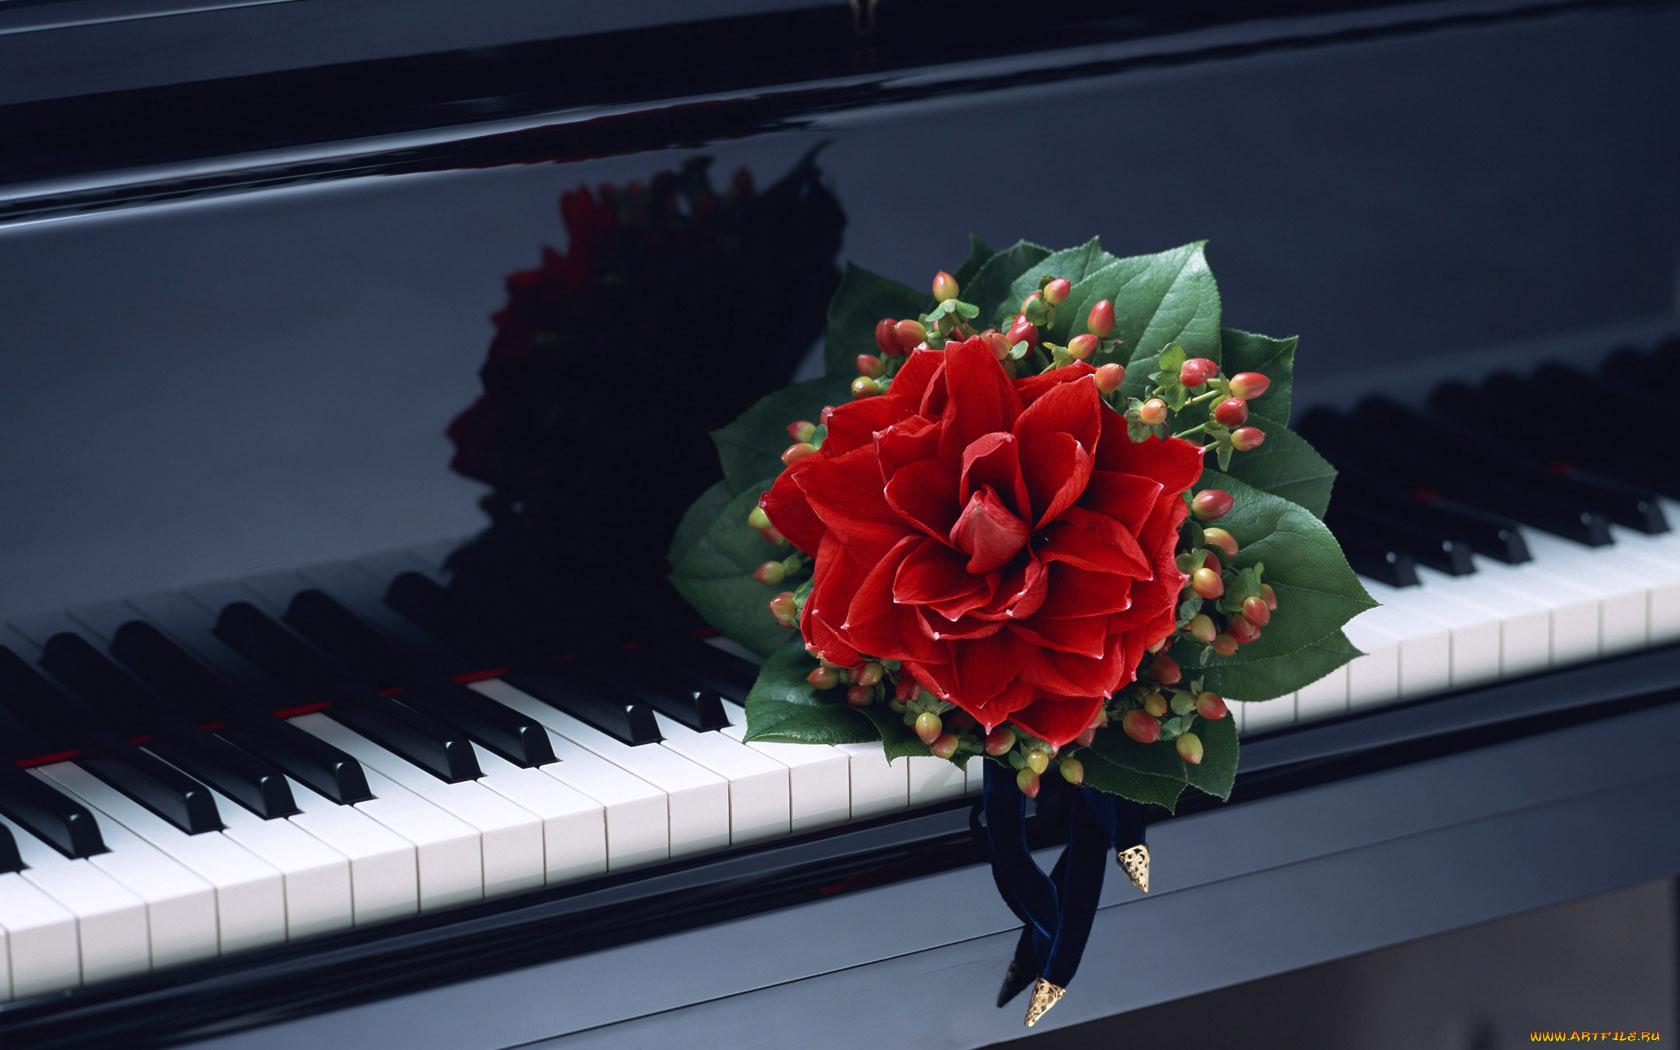 живые картинки с цветами и музыкой снимать, если